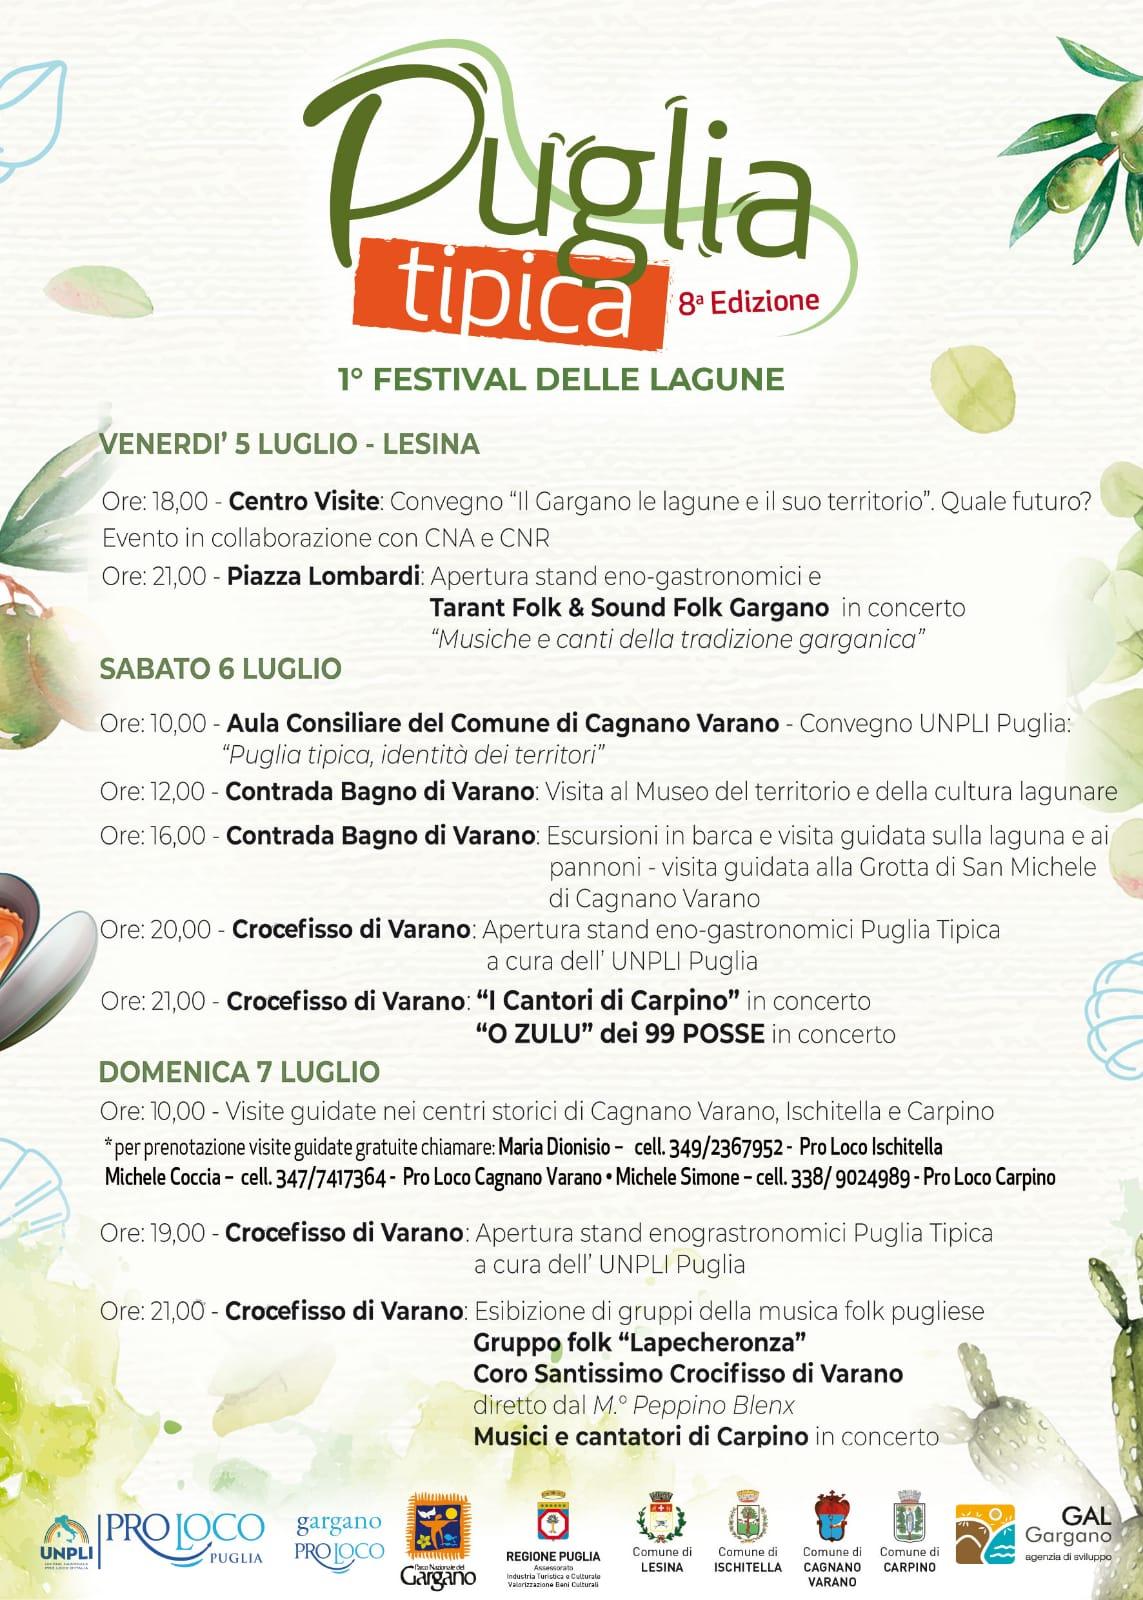 PUGLIA TIPICA – 8^ EDIZIONE